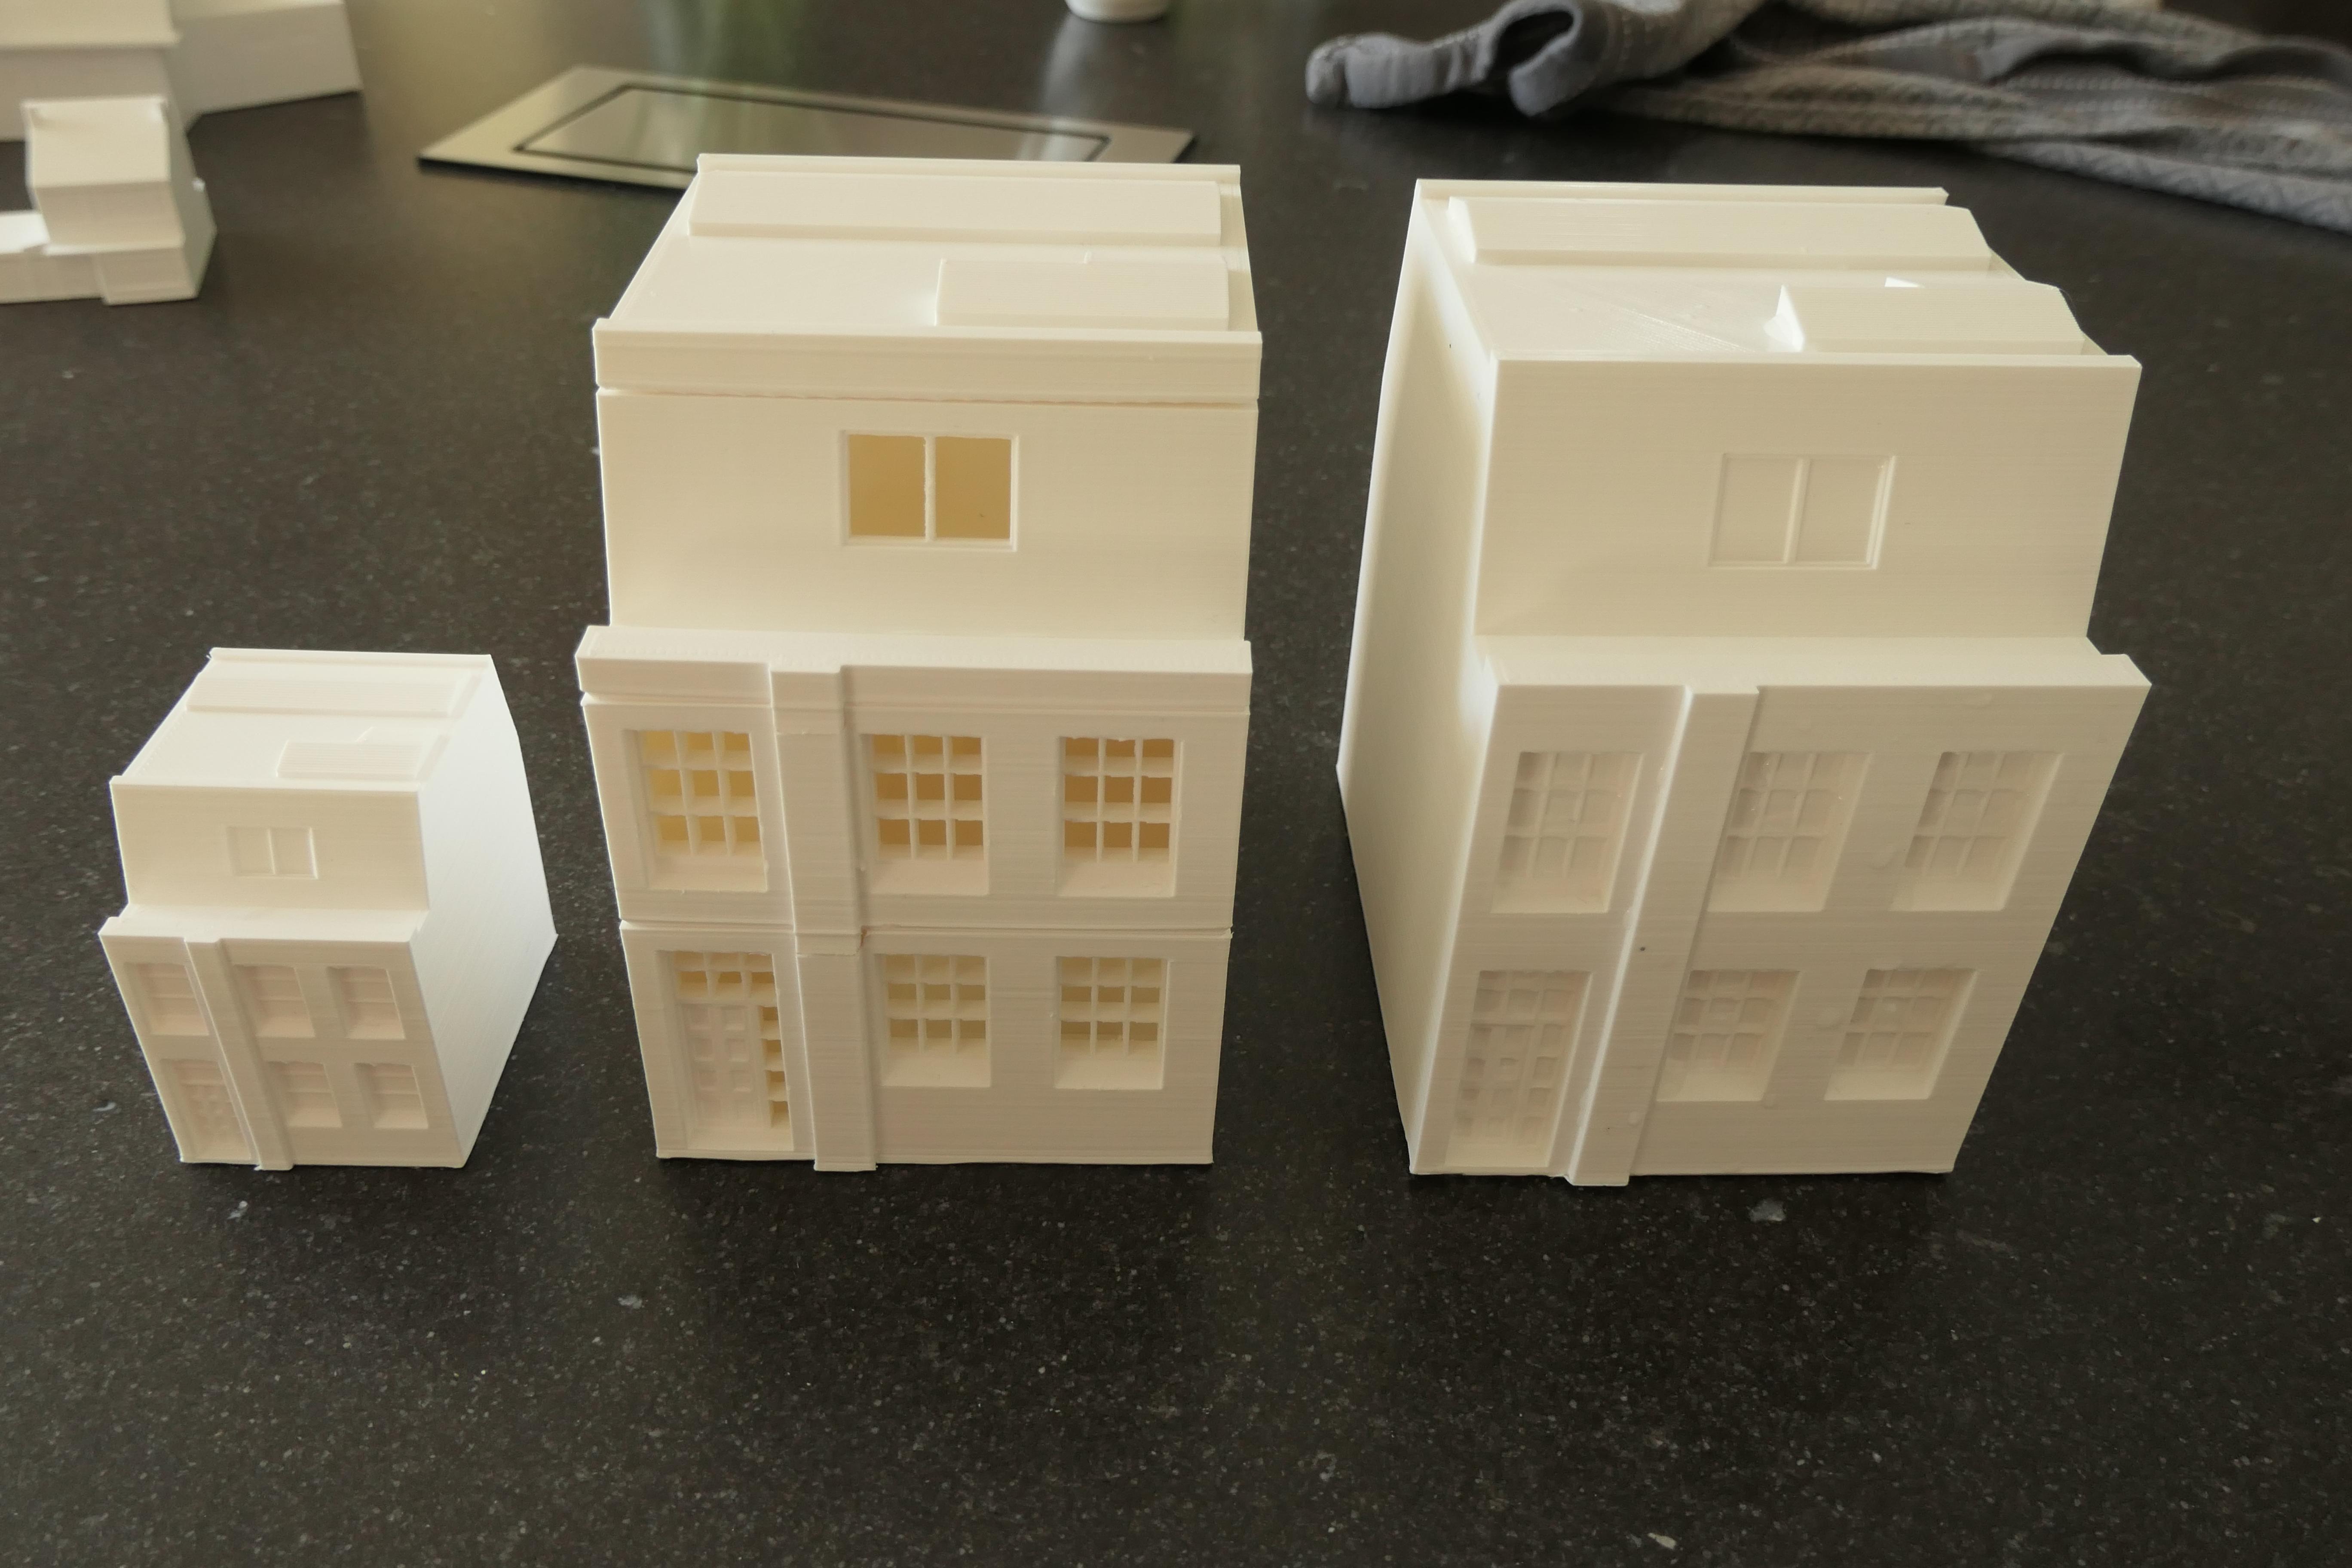 Mijn 'standaard print' is een huis in schaal 1 op 100. Voor mijn eigen collectie print ik hem dan nog een keer 1 op 200. Deze keer ook een 'poppenhuisje' gemaakt, zodat je de indeling van de verdiepingen kunt zien.